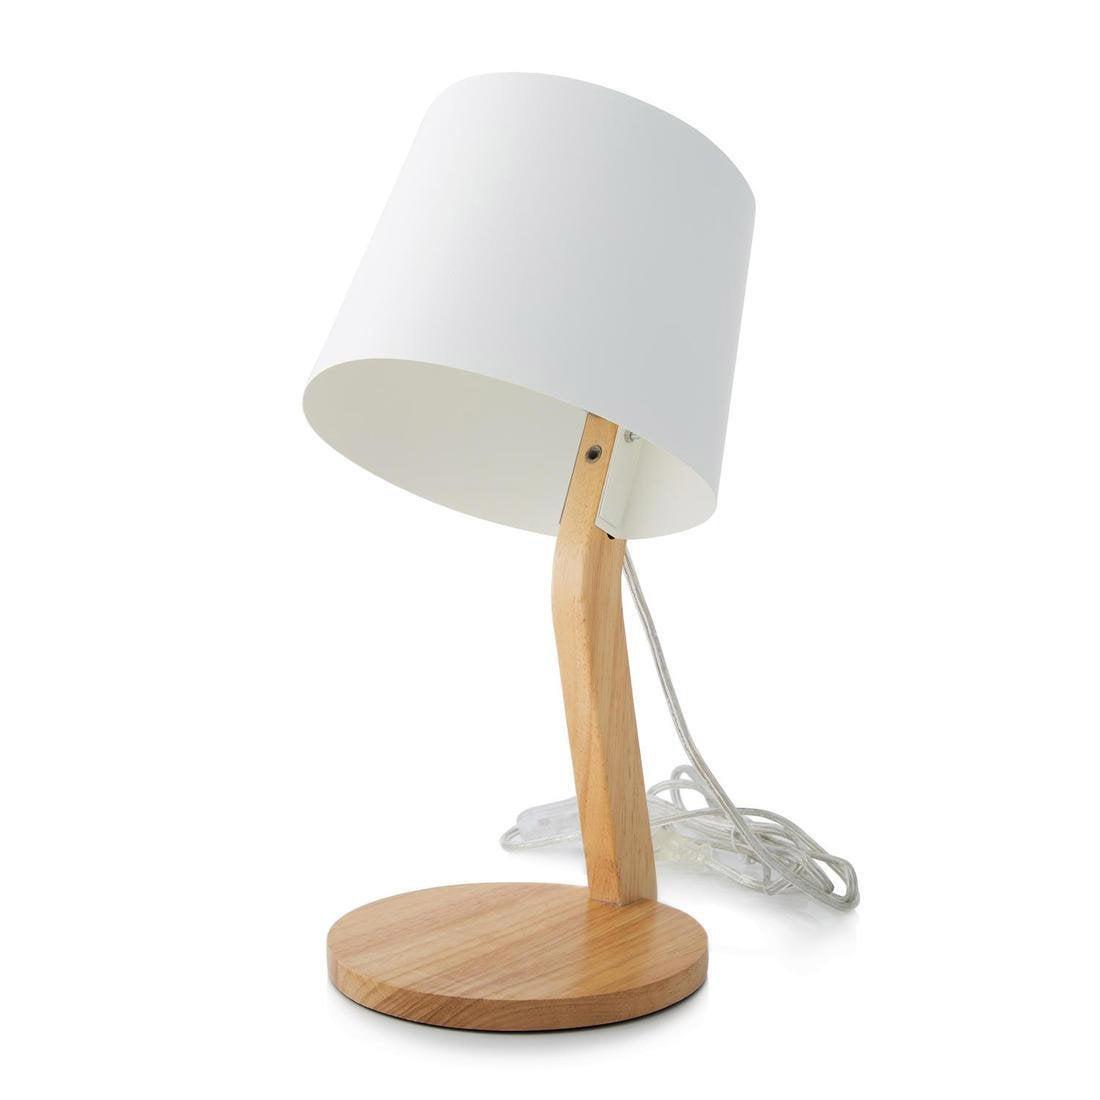 Lampe, design, bois blanc et bois, MARBELLA LIGHTING Woody